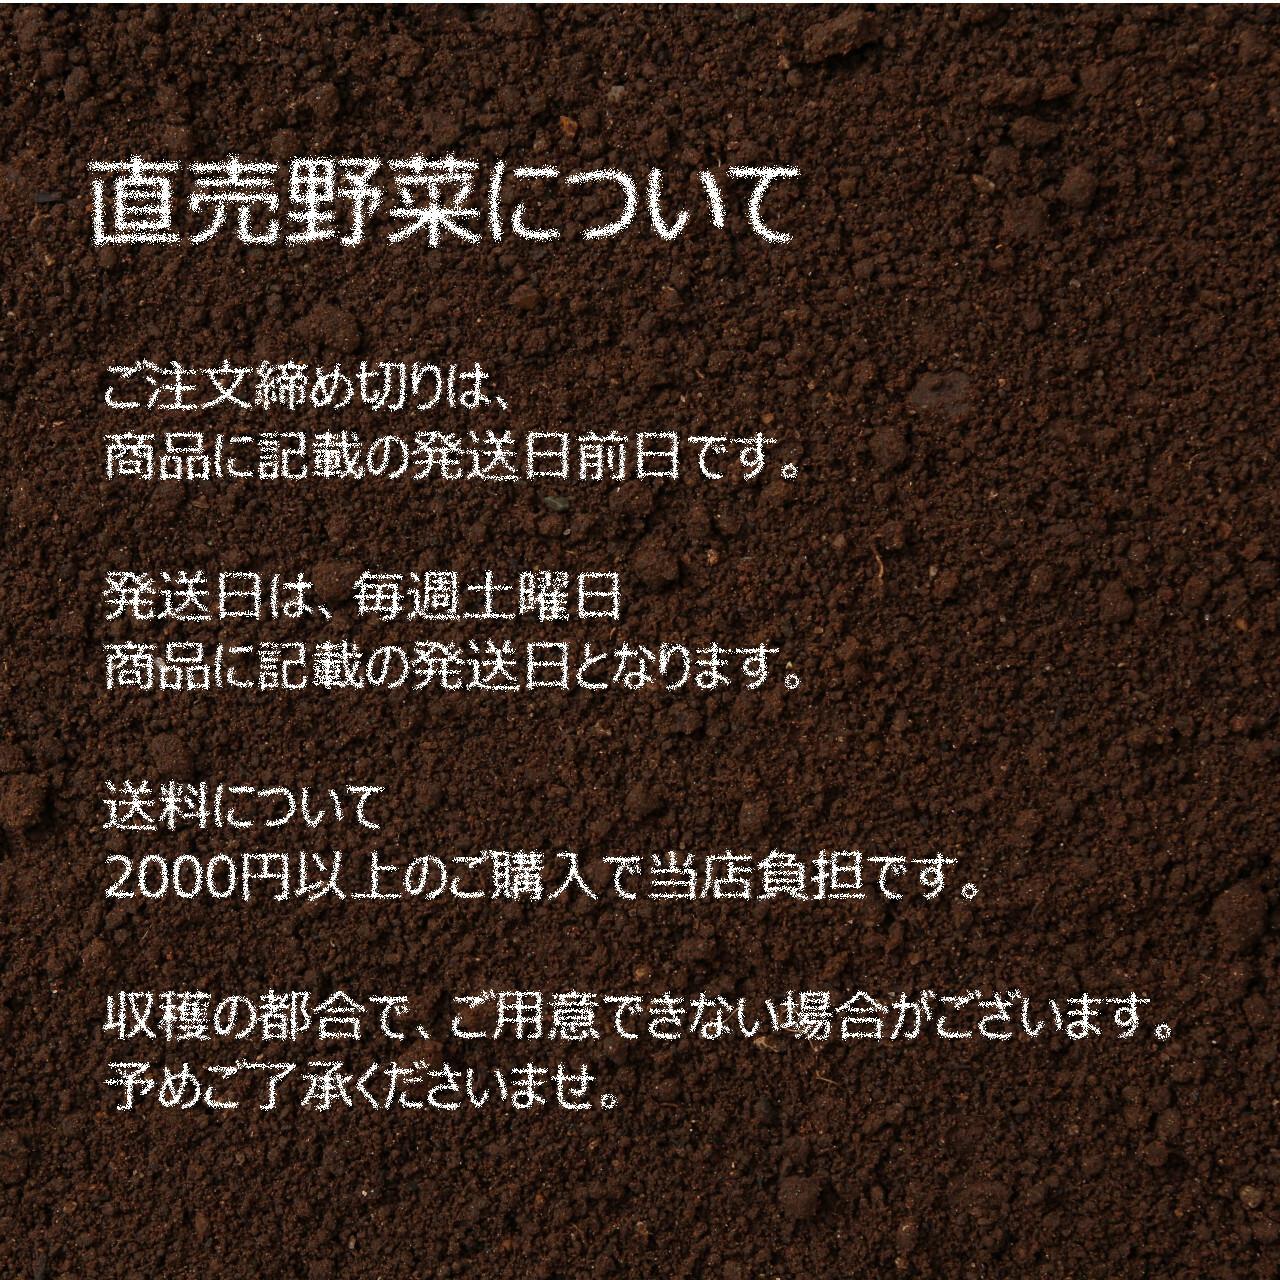 6月の朝採り直売野菜 : ブロッコリー 約 1個 春の新鮮野菜 6月20日発送予定